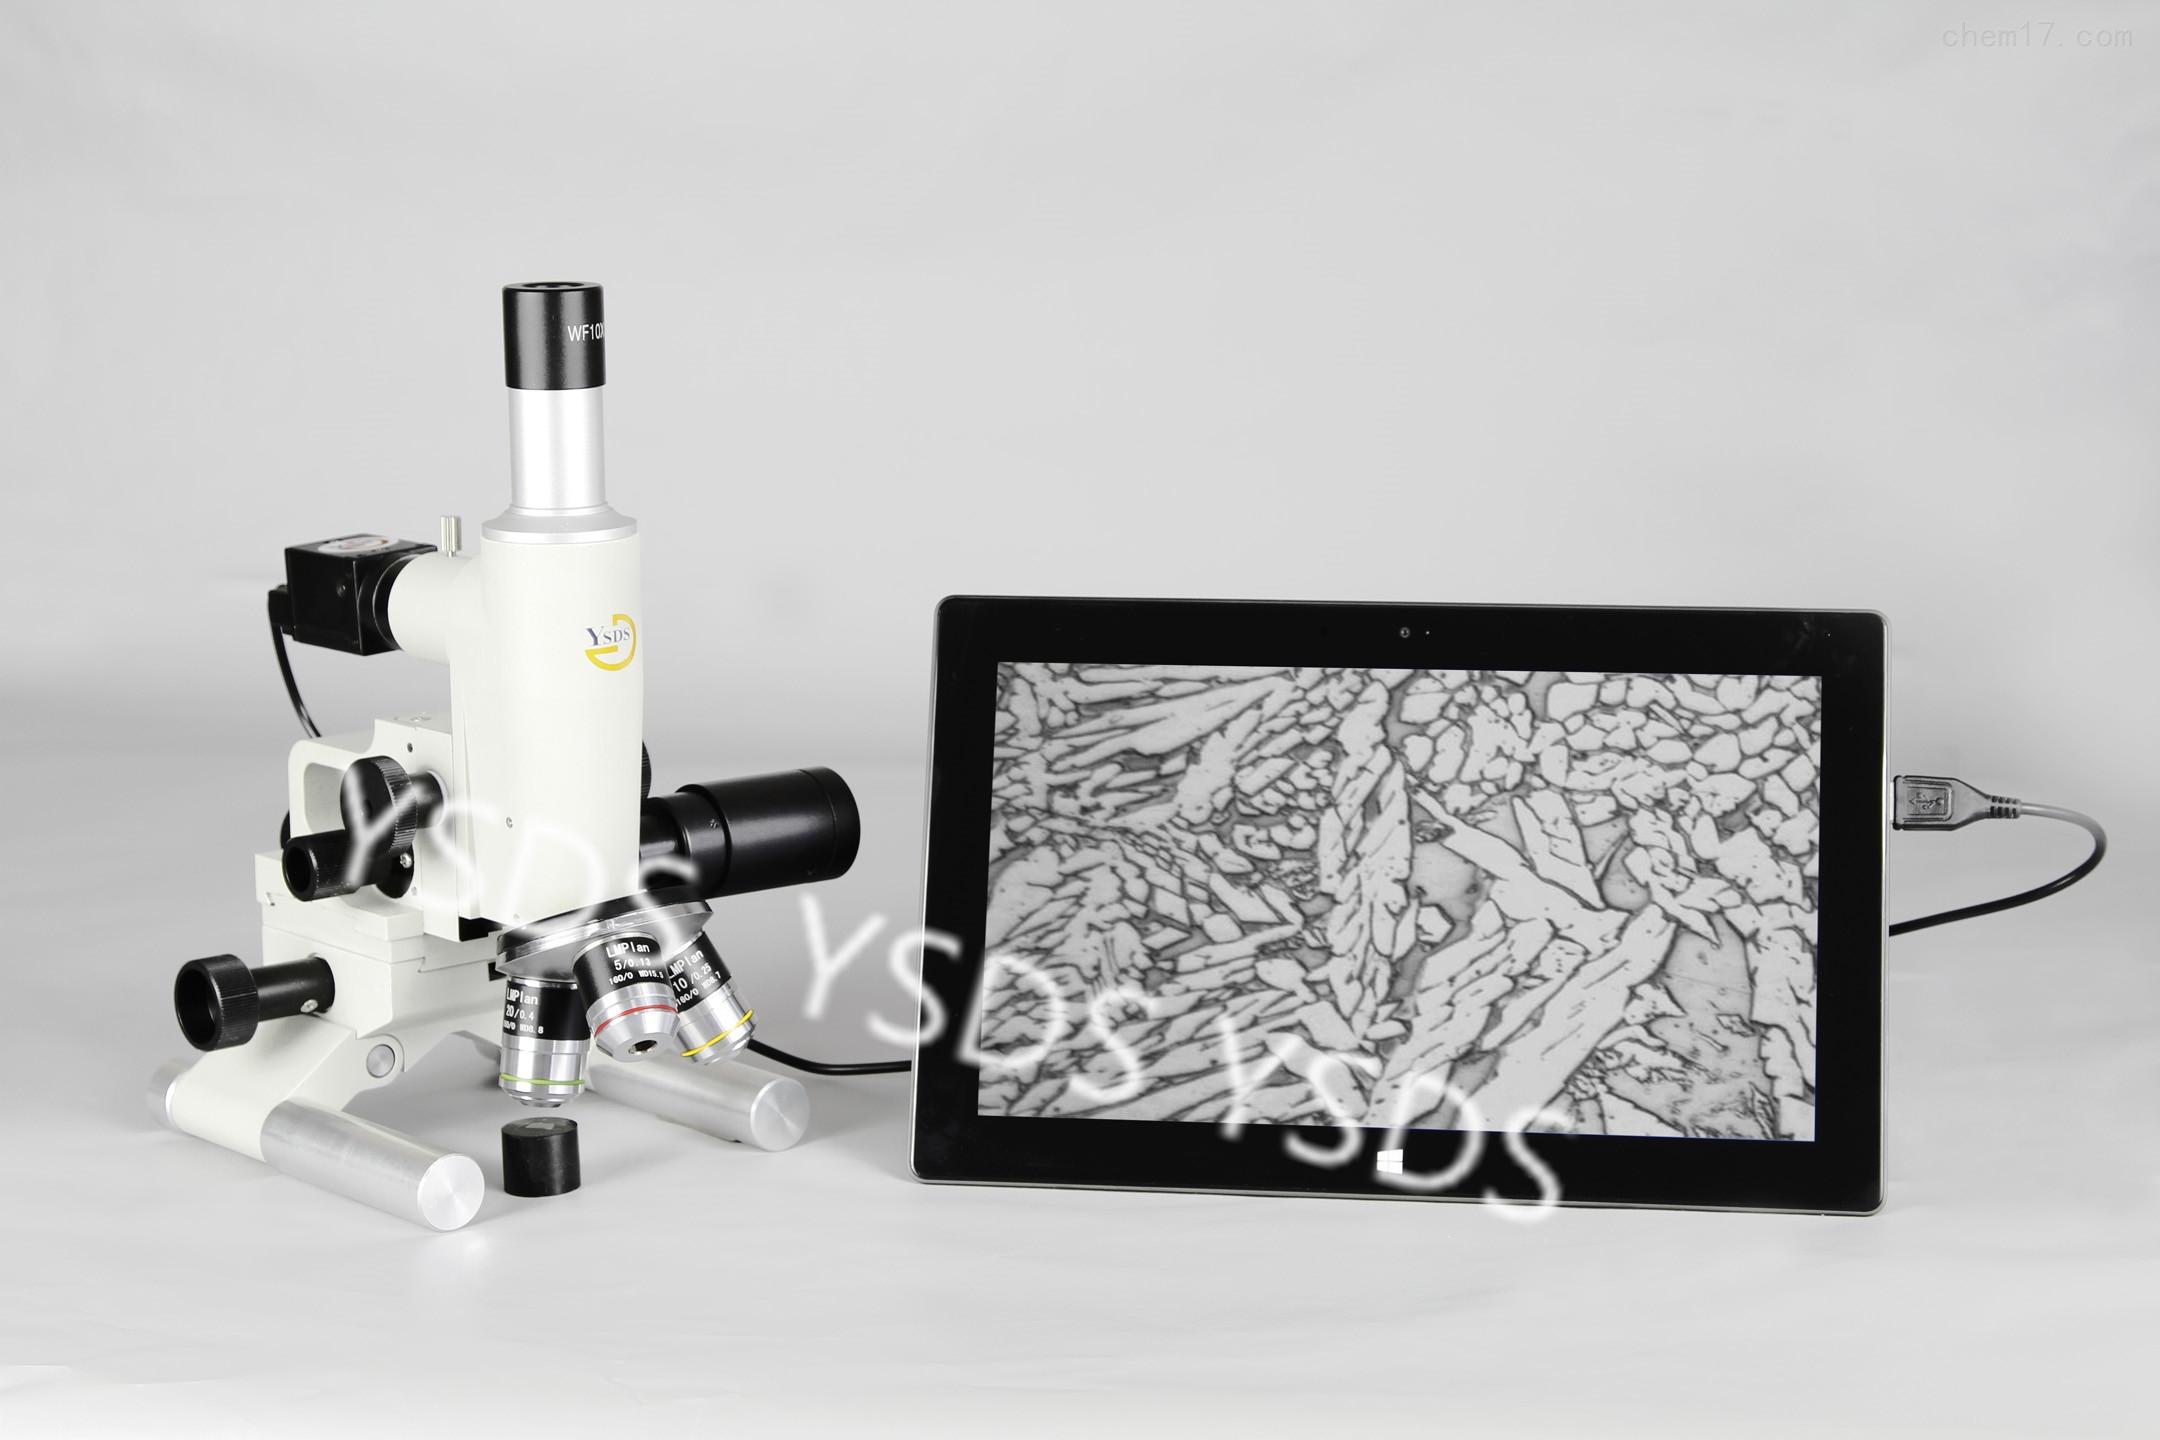 E6河南郑州北京 现场金相显微镜 金相分析软件